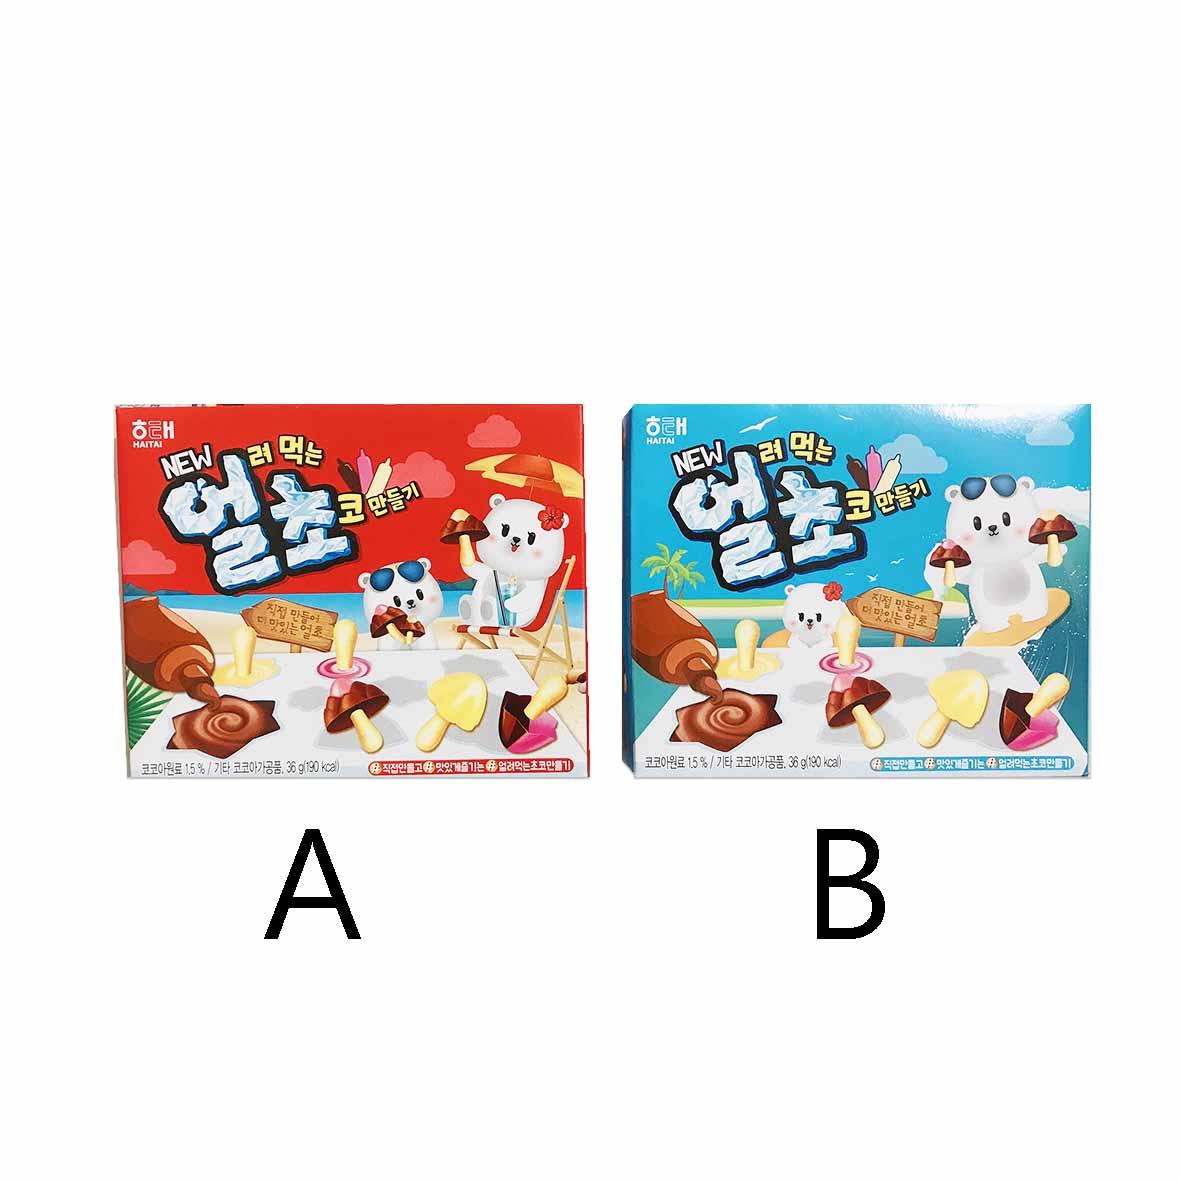 韓國 海太手作 蘑菇 巧克力餅乾 巧克力餅乾 36G